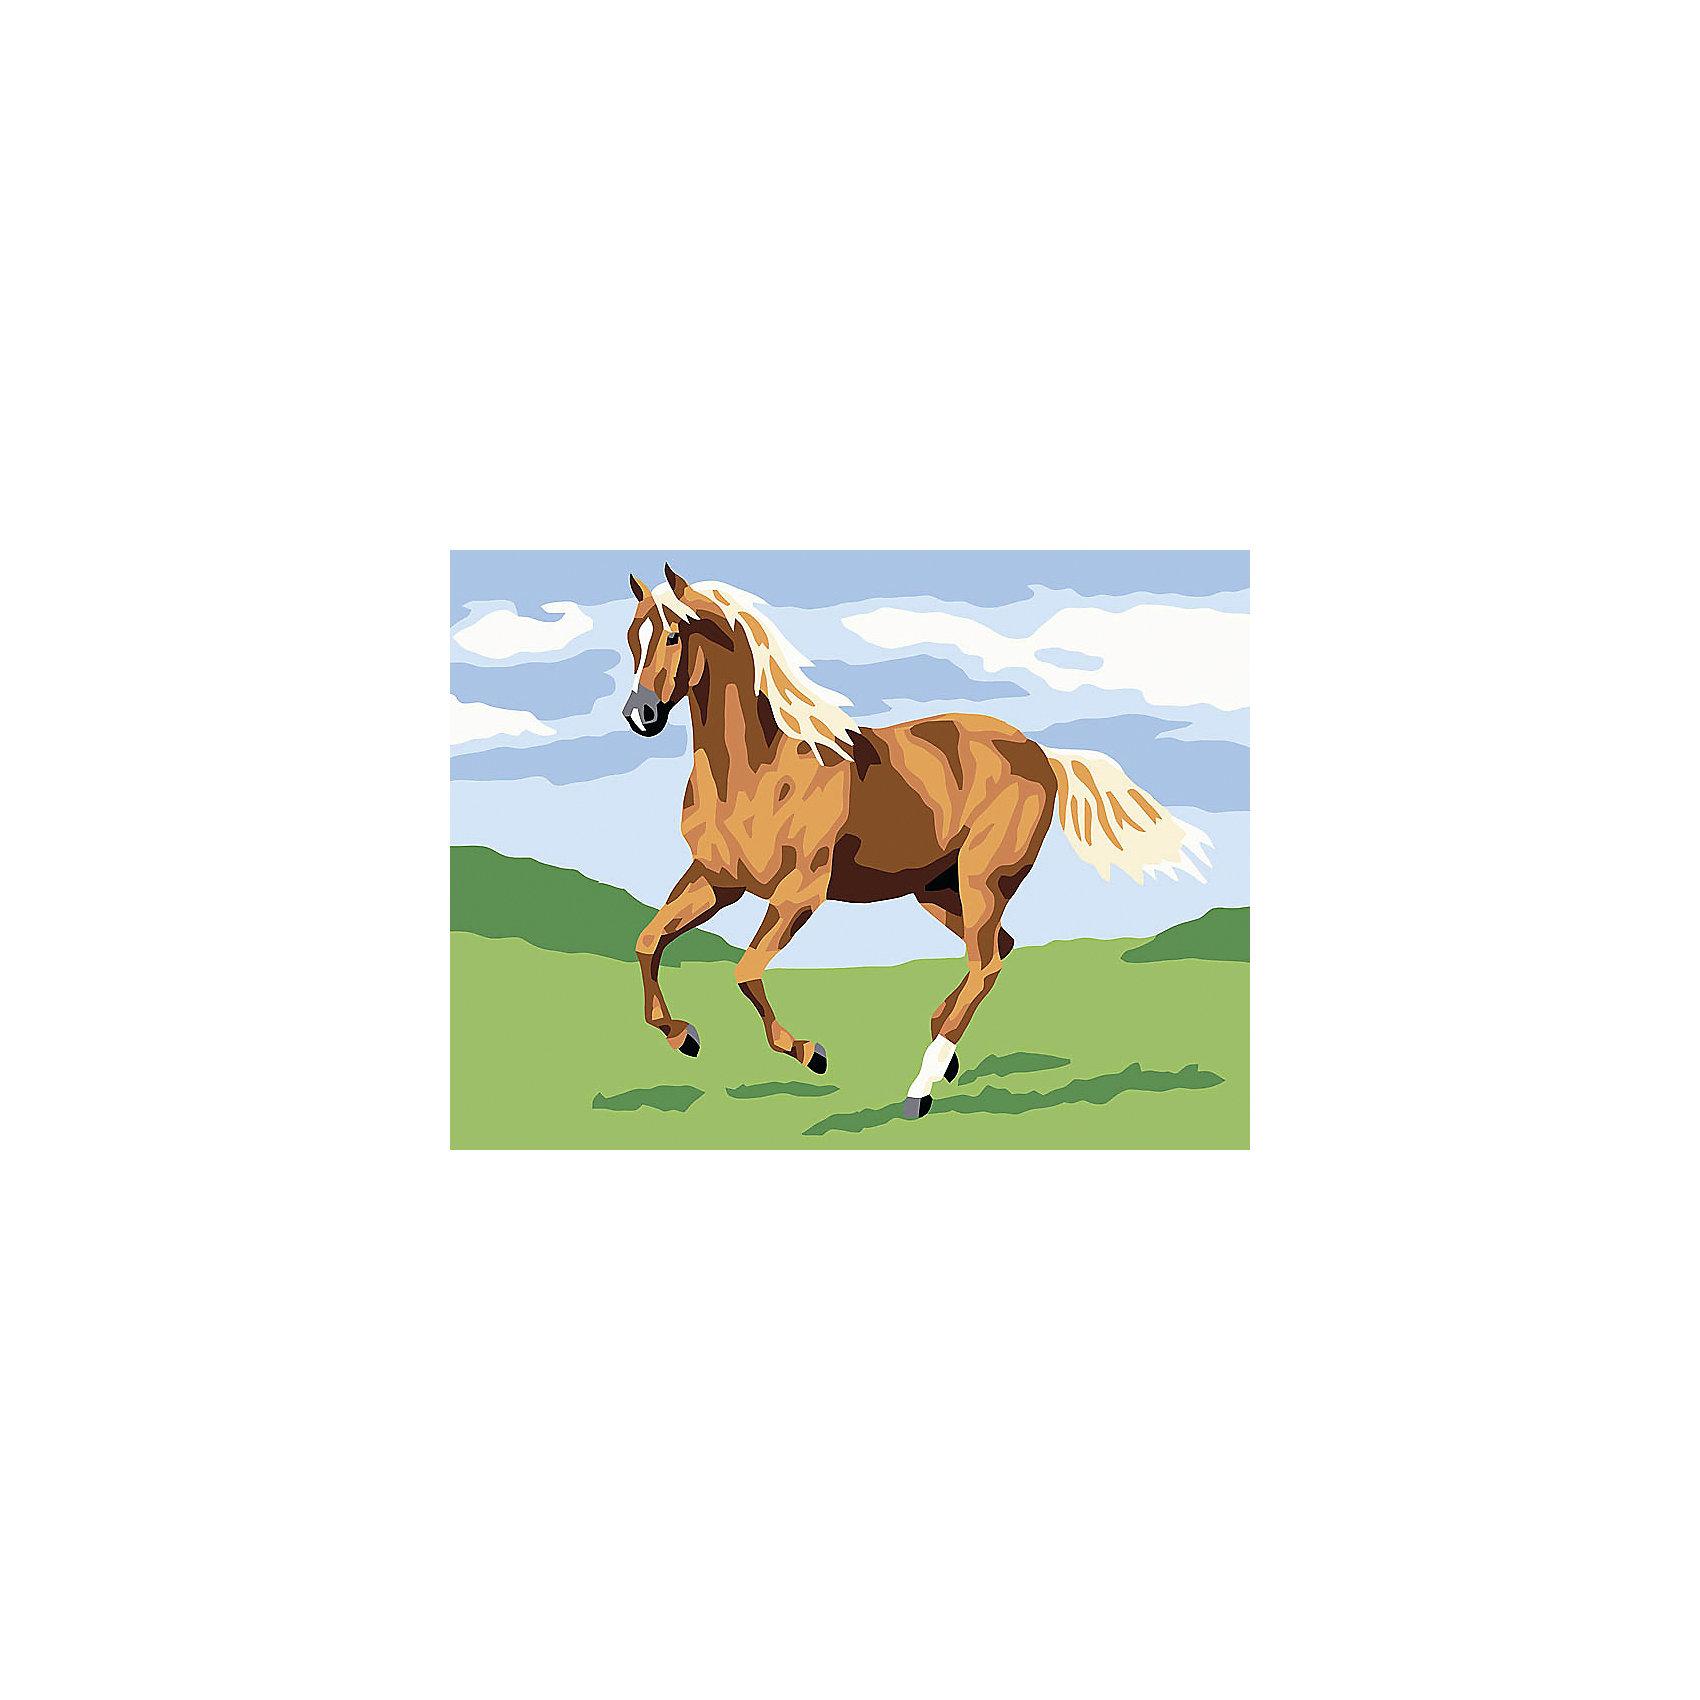 Живопись на холсте Аллюр 30*40 смХарактеристики товара:<br><br>• цвет: разноцветный<br>• материал: акрил, картон<br>• размер: 30 x 40 см<br>• комплектация: полотно на подрамнике с контурами рисунка, пробный лист с рисунком, набор акриловых красок, три кисти, крепление на стену для картины<br>• для детей от шести лет и взрослых<br>• не требует специальных навыков<br>• страна бренда: Китай<br>• страна изготовитель: Китай<br><br>Как с удовольствием и пользой провести время? Порисовать! Это занятие, которое любят многие дети и взрослые. Рисование помогает развить важные навыки и просто приносит удовольствие! Чтобы вселить в ребенка уверенность в своих силах, можно предложить ему этот набор - в нем уже есть сюжет, контуры рисунка и участки с номерами, которые обозначают определенную краску из набора. Все оттенки уже готовы, задача художника - аккуратно, с помощью кисточек из набора, нанести краски на определенный участок полотна.<br>Взрослым также понравится этот процесс, рисовать можно и вместе с малышом! В итоге получается красивая картина, которой можно украсить интерьер. Рисование способствует развитию мелкой моторики, воображения, цветовосприятия, творческих способностей и усидчивости. Набор отлично проработан, сделан из качественных и проверенных материалов, которые безопасны для детей. Краски - акриловые, они быстро сохнут и легко смываются с кожи.<br><br>Живопись на холсте 30*40 см Аллюр от торговой марки Белоснежка можно купить в нашем интернет-магазине.<br><br>Ширина мм: 410<br>Глубина мм: 310<br>Высота мм: 25<br>Вес г: 567<br>Возраст от месяцев: 72<br>Возраст до месяцев: 144<br>Пол: Унисекс<br>Возраст: Детский<br>SKU: 5089637